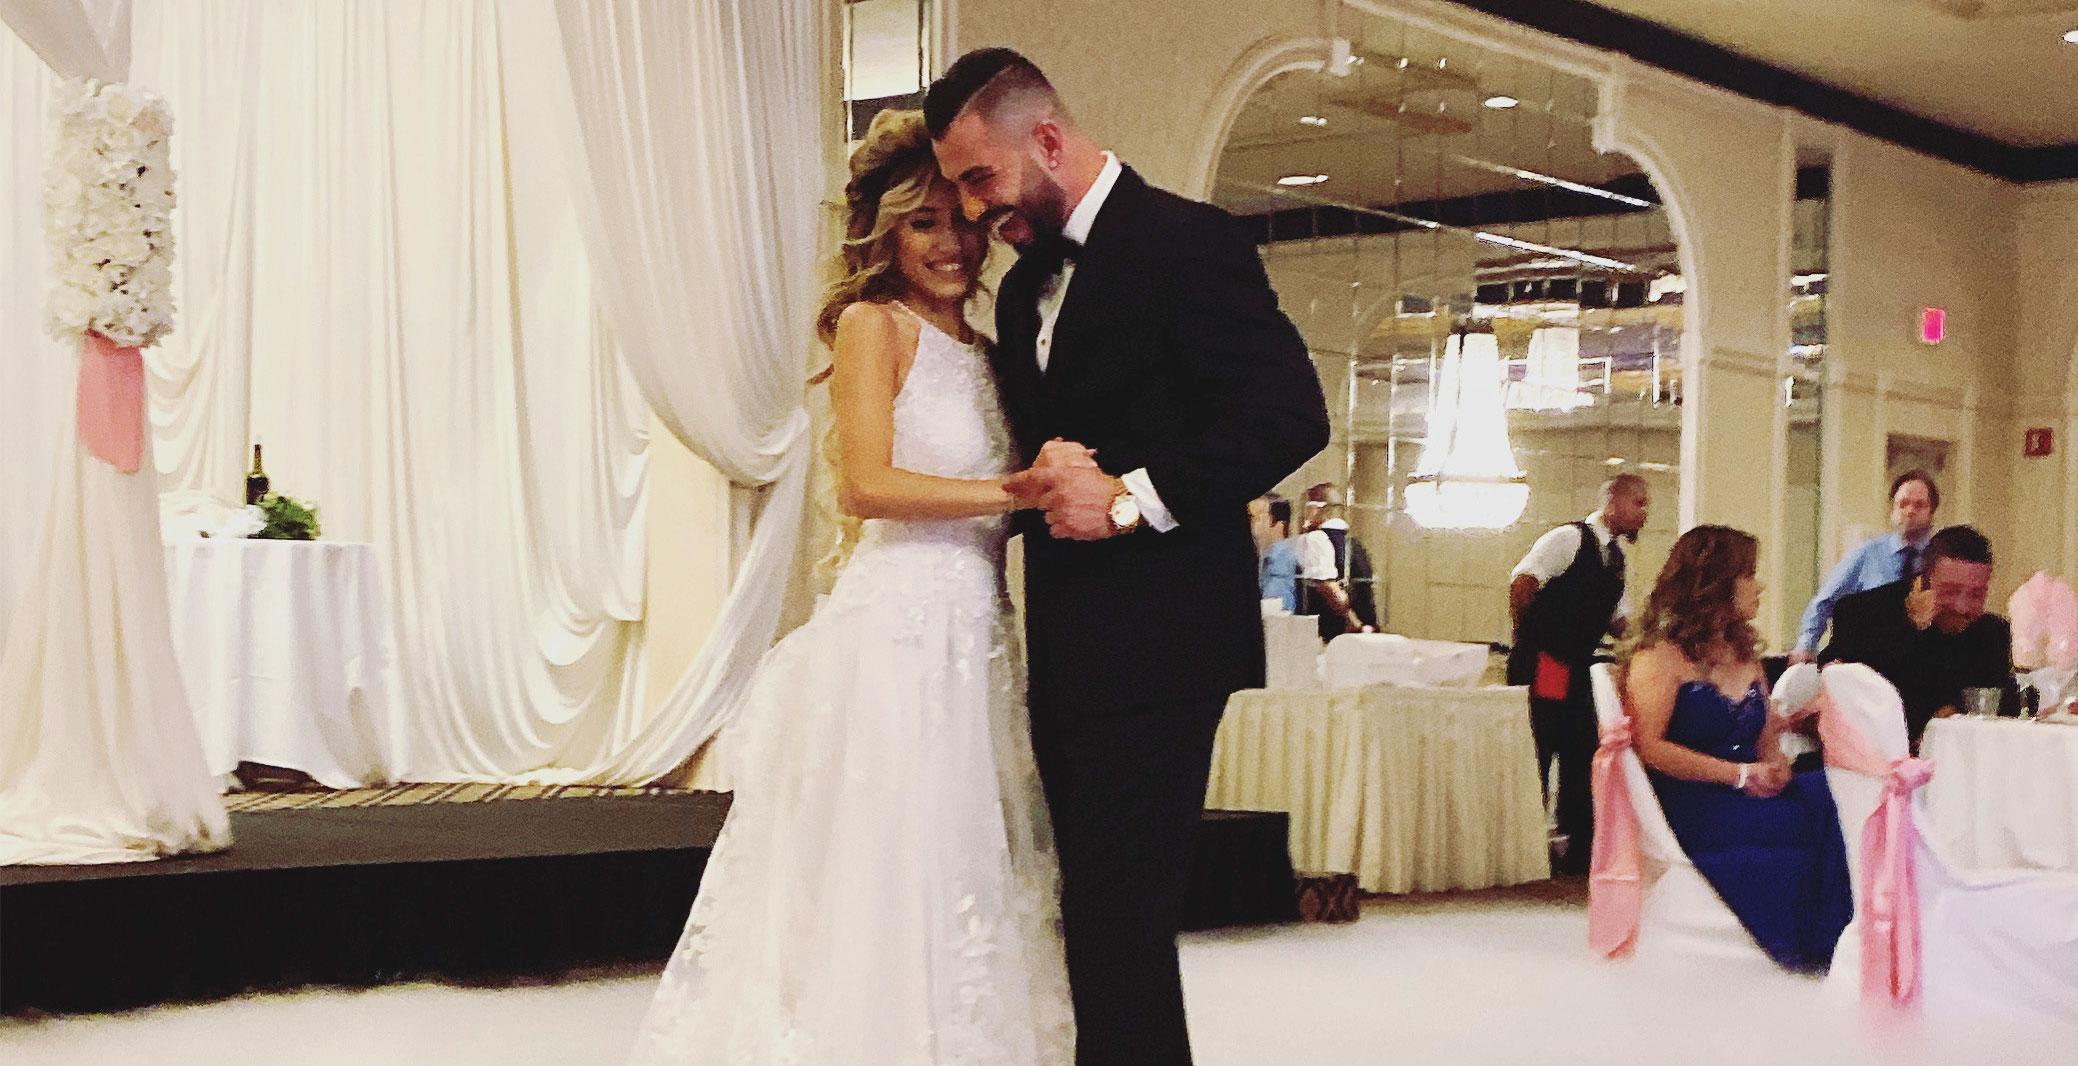 wedding-dance-floor-cloud